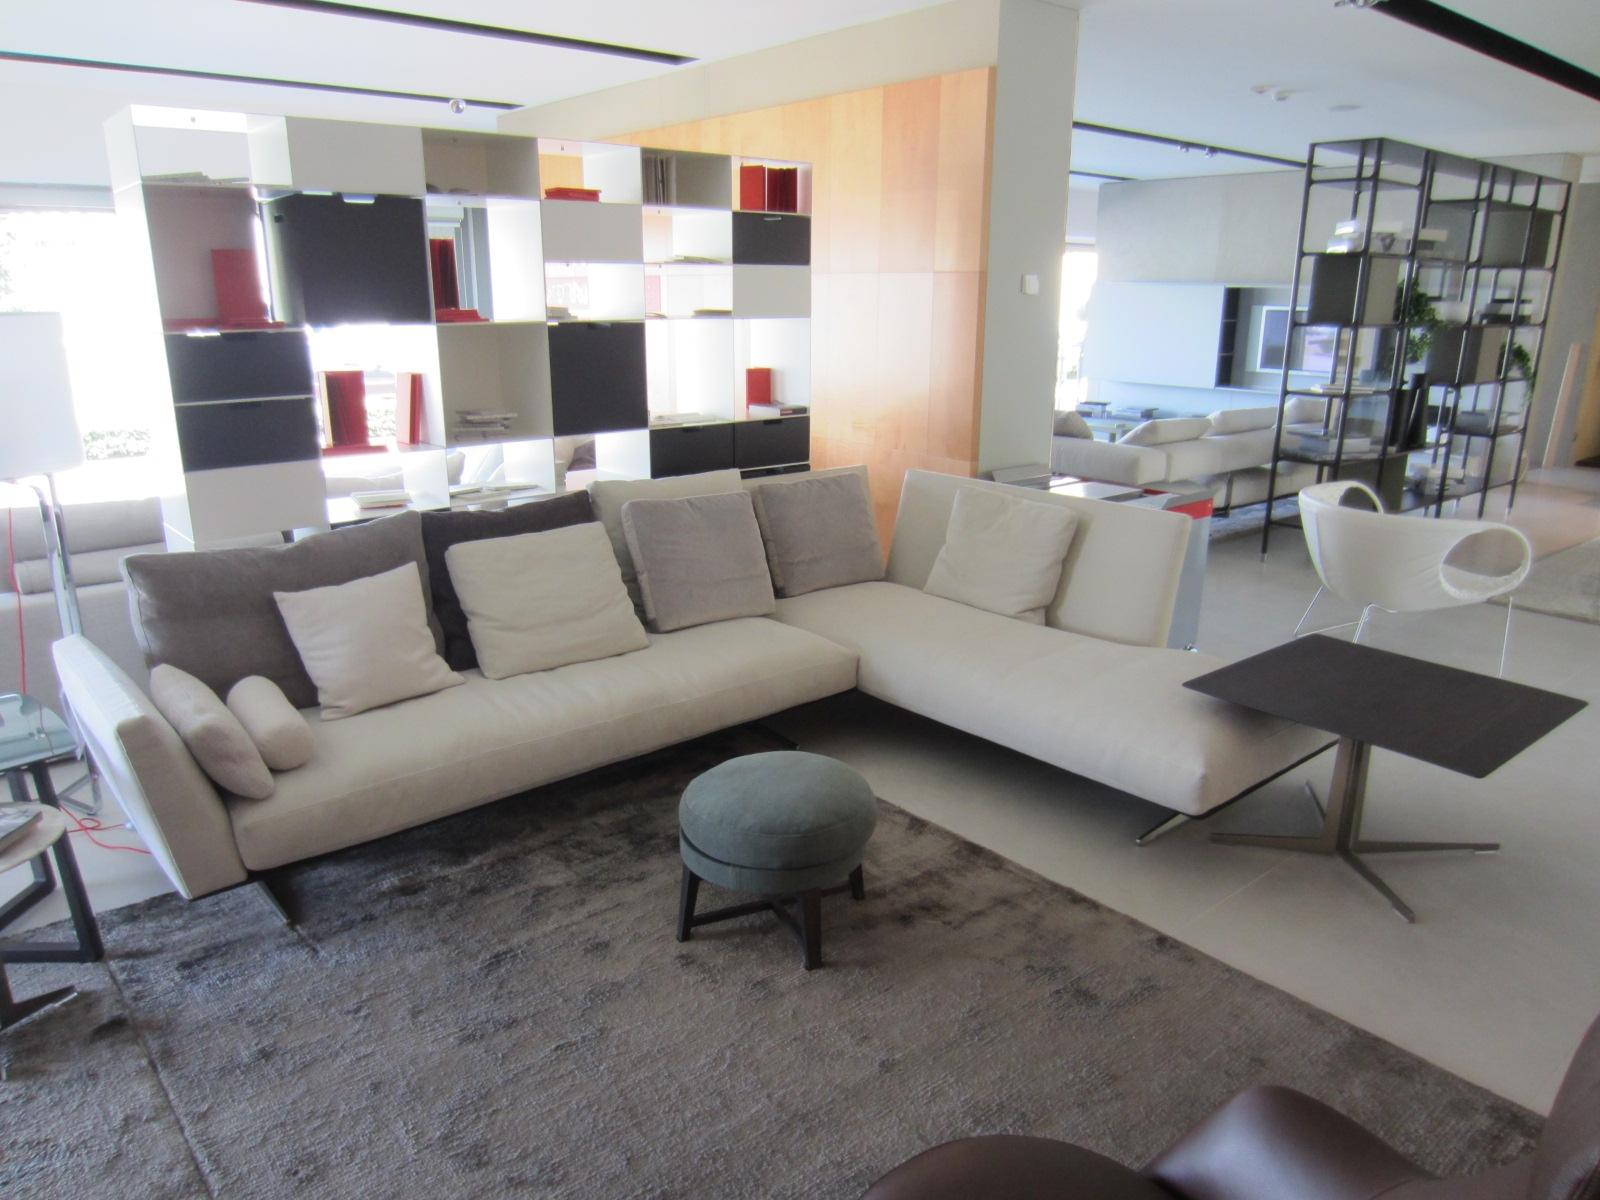 divano flexform evergreen divani a prezzi scontati ForFlexform Divani Outlet